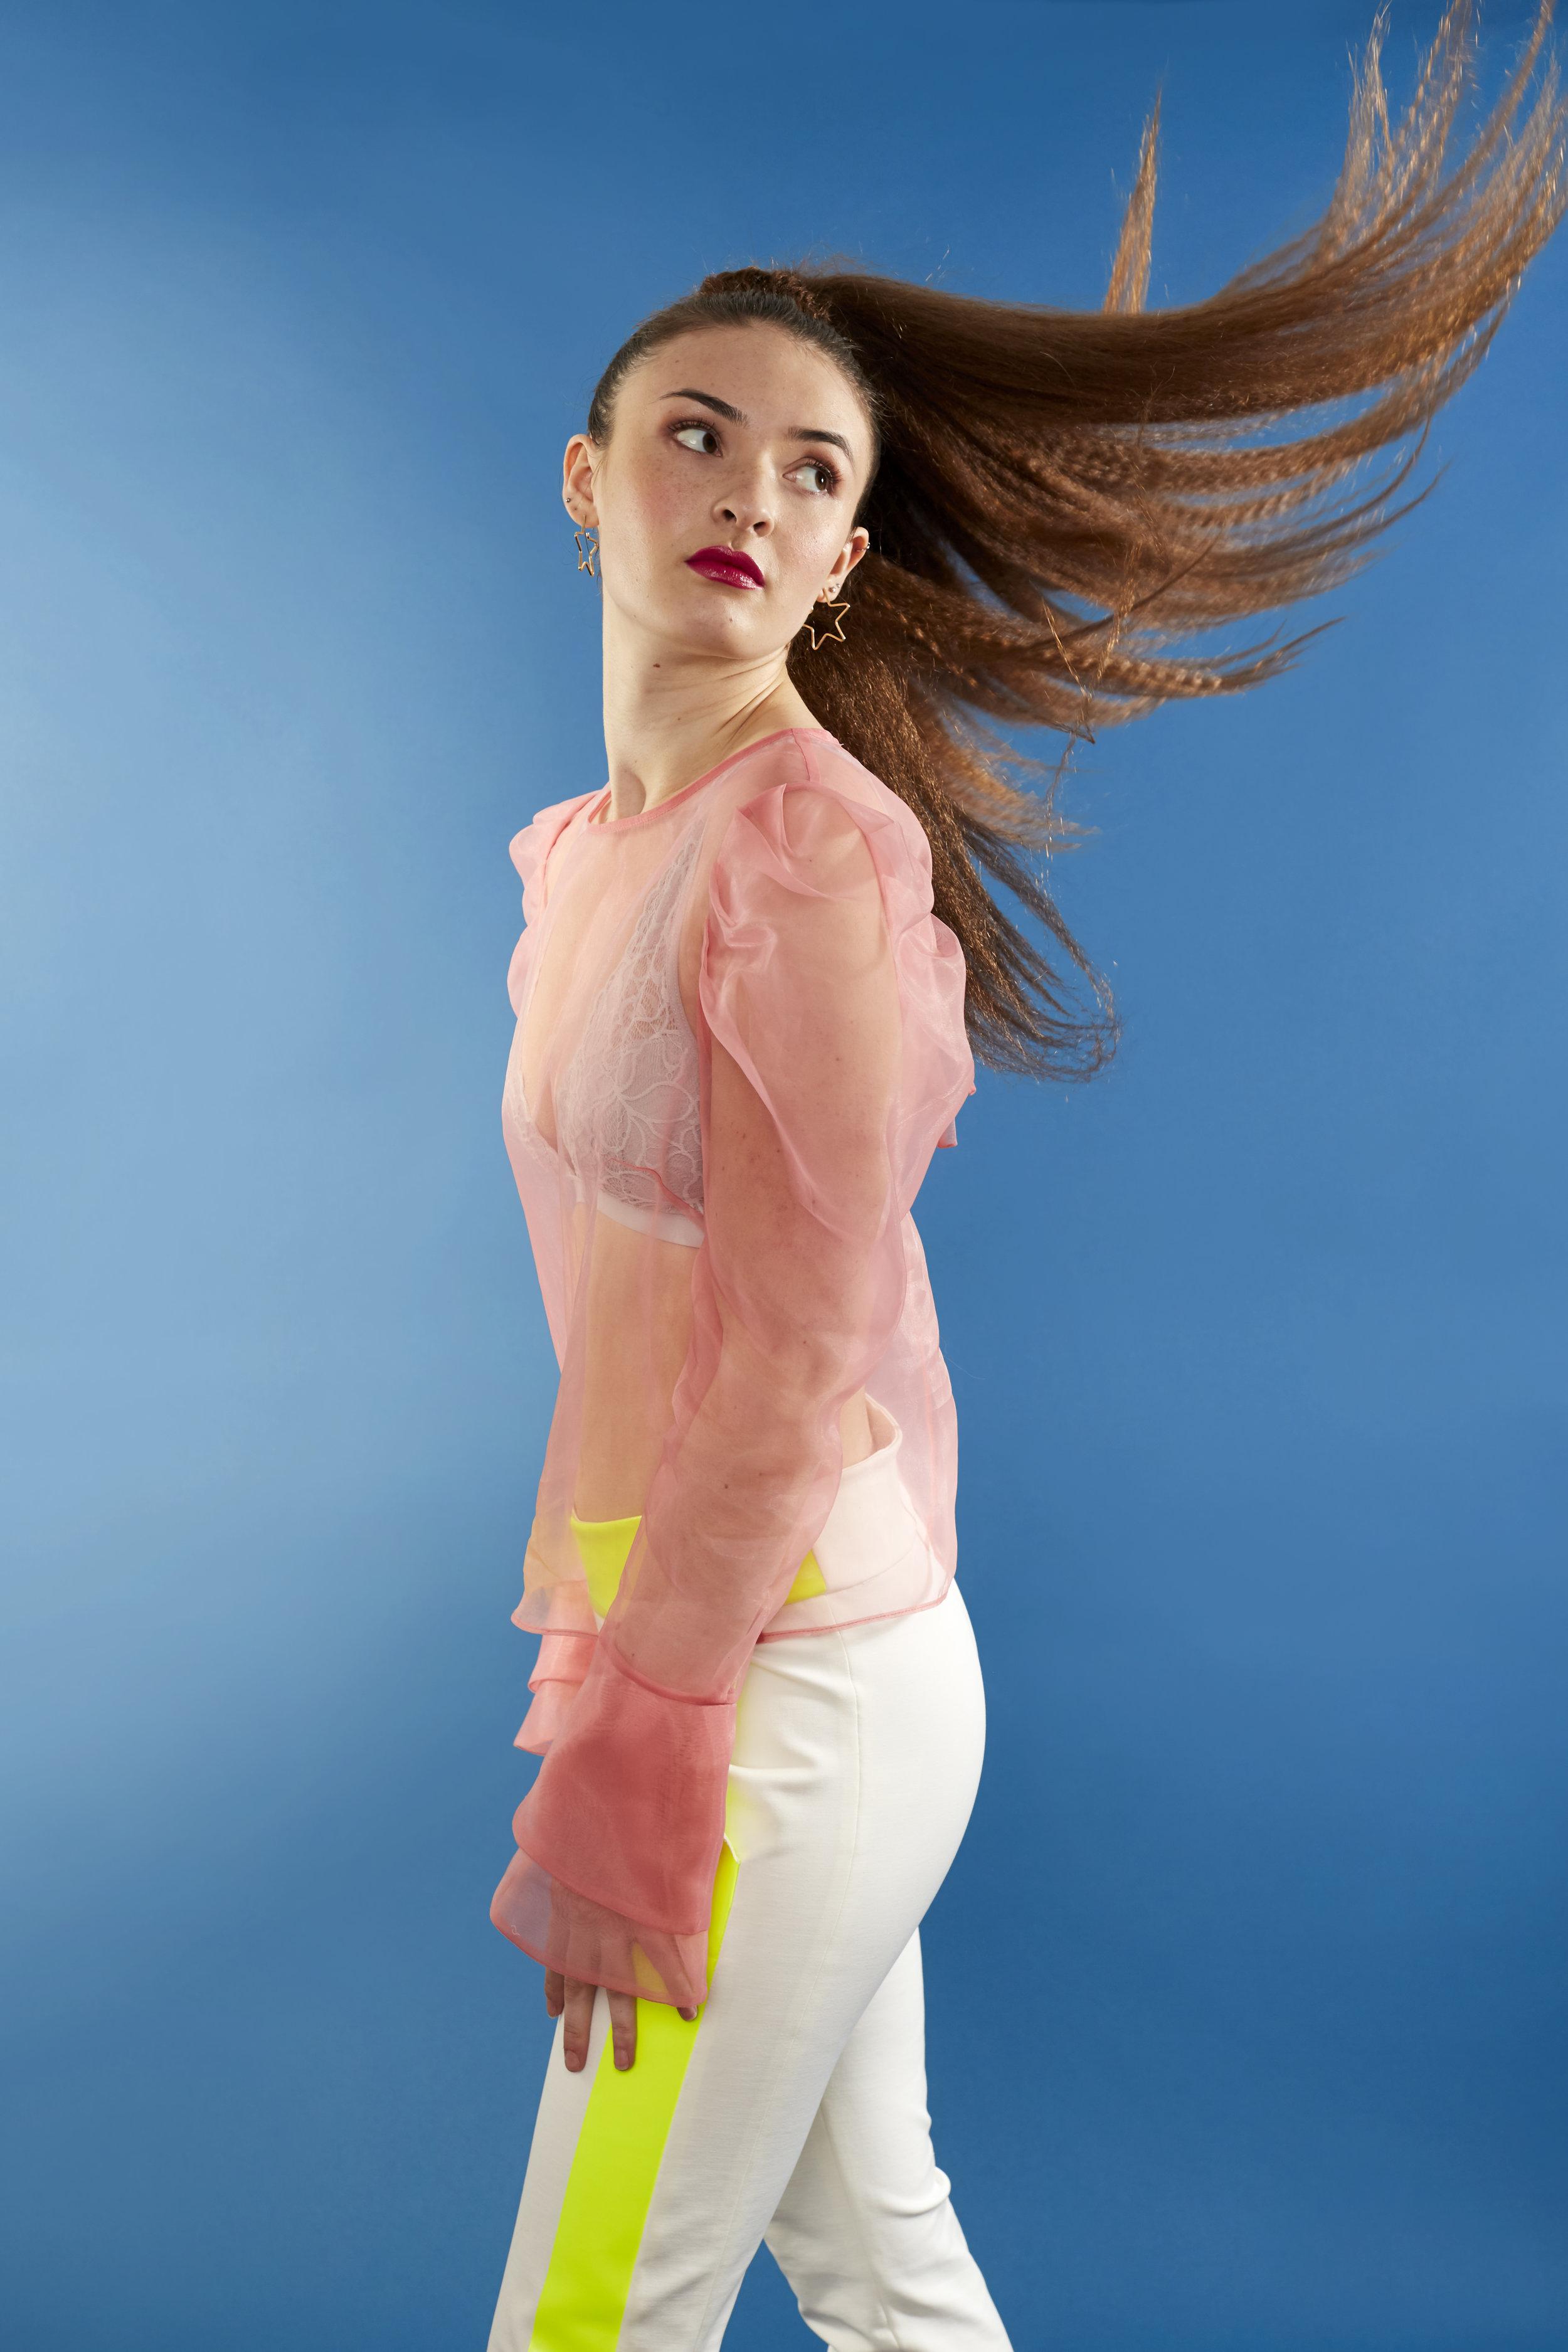 Photographer: Erich Valo  Hair and Makeup Artist: Rebecca Butz  Model: Eva Concepcion